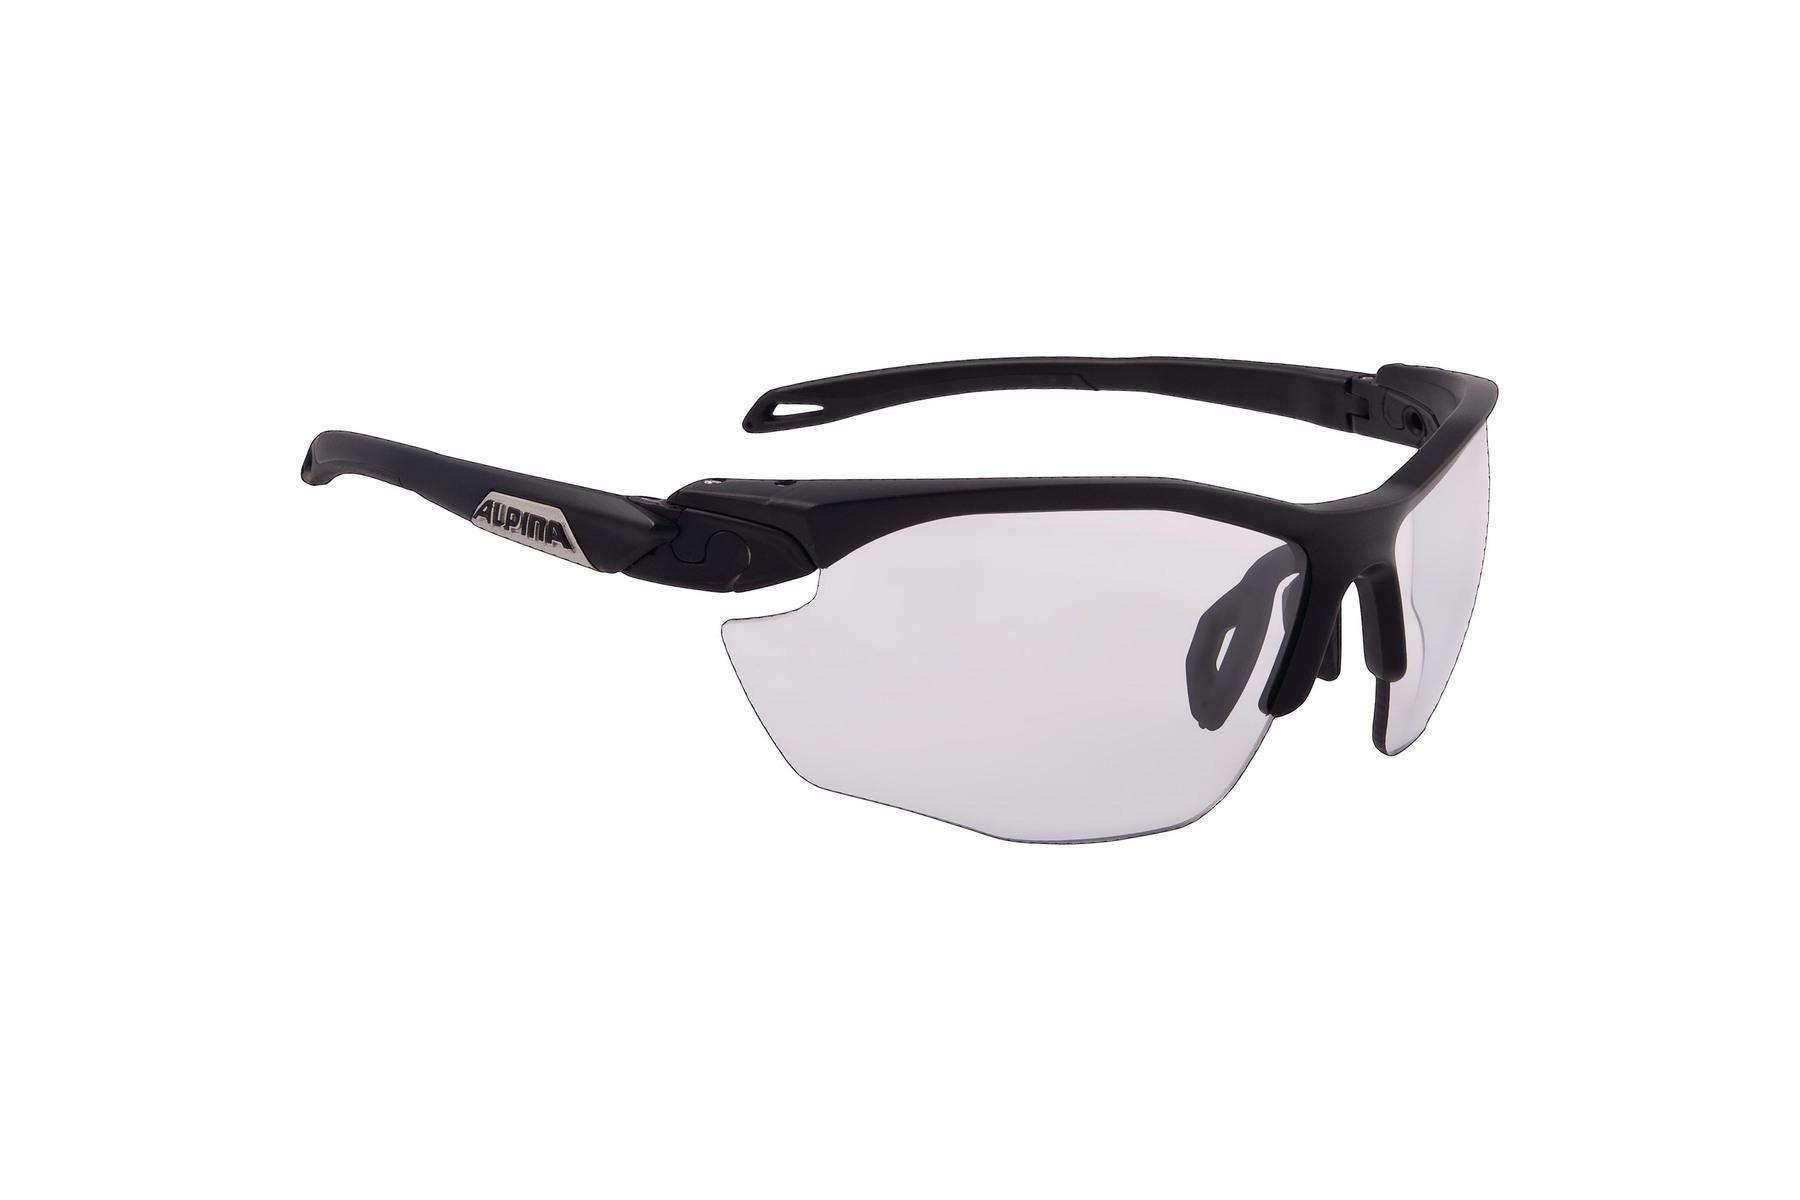 Alpina Sonnenbrille Twist Five HR S VL+ Varioflex selbsttönend white/ black Axl77U